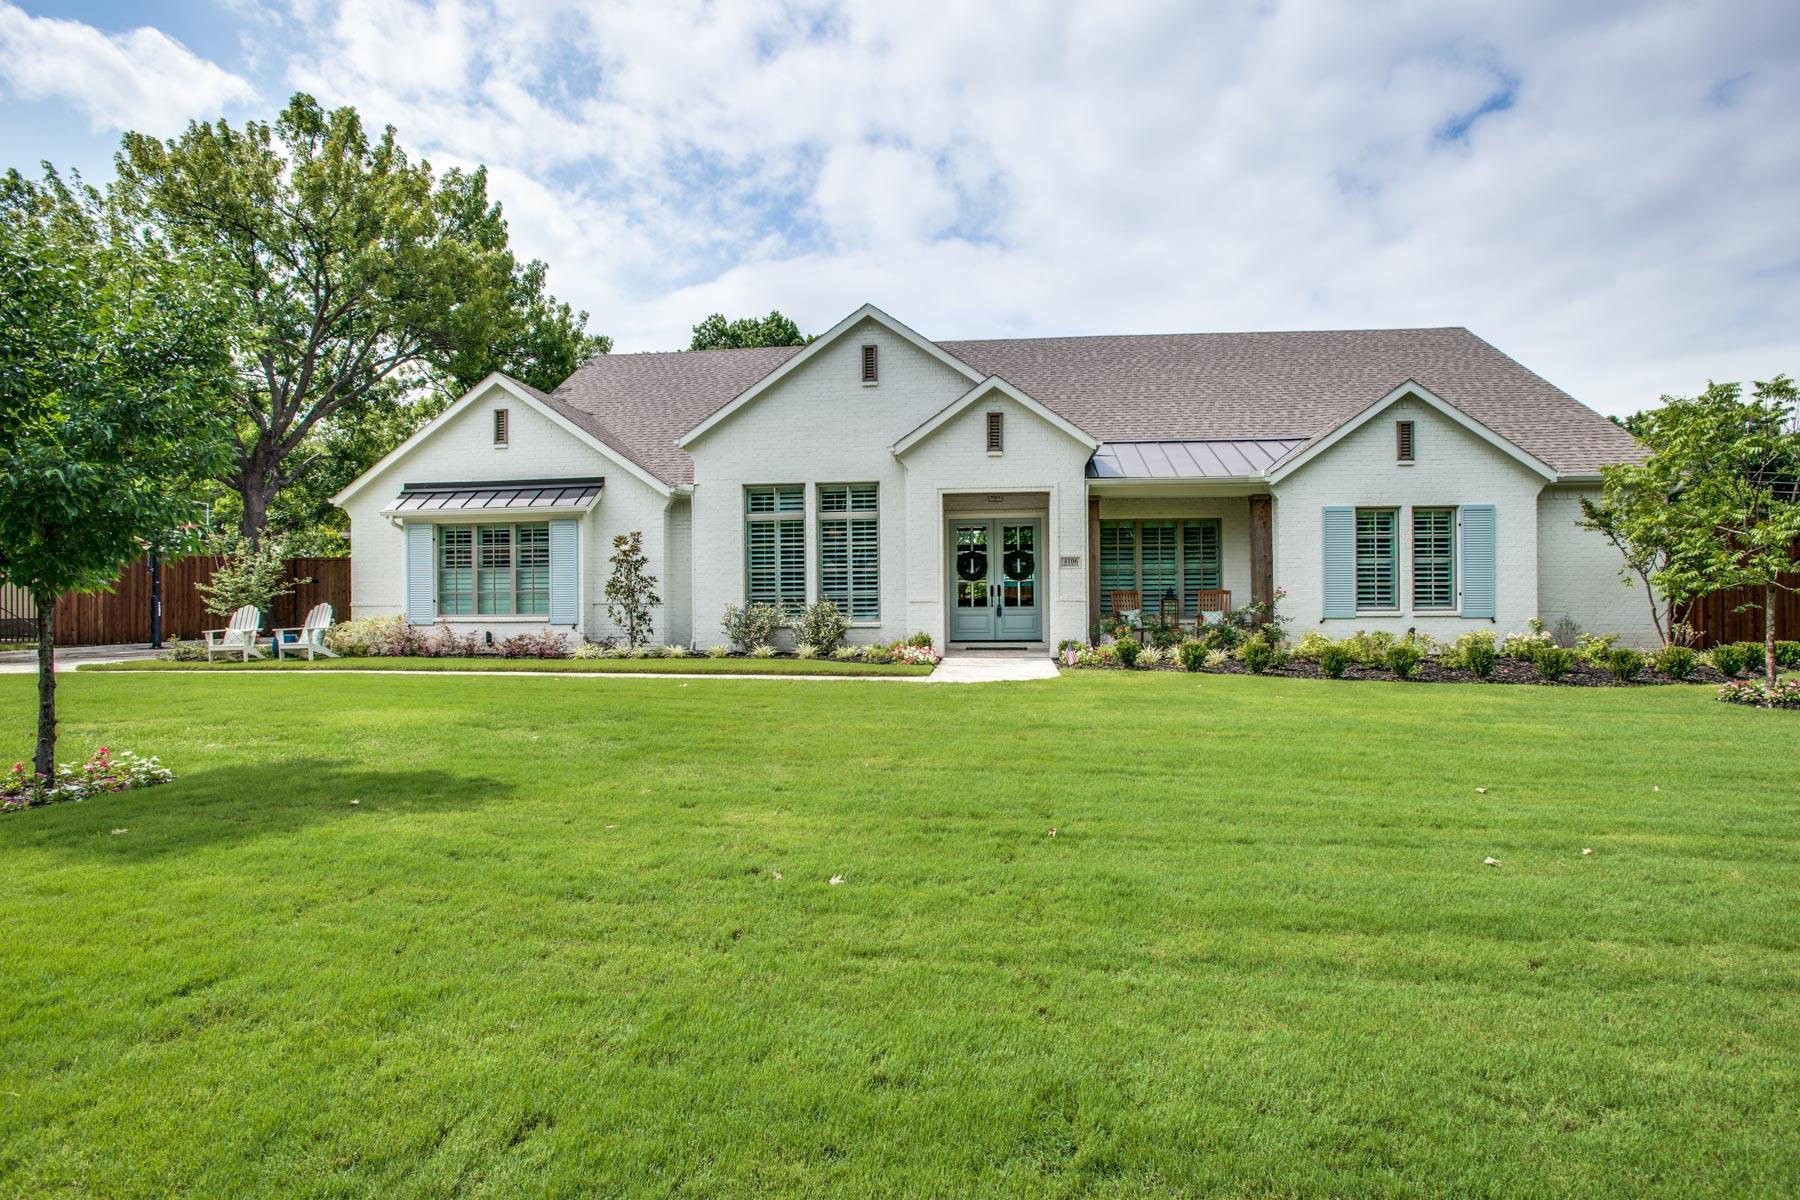 واحد منزل الأسرة للـ Sale في Williamsburg Custom 4106 Creekdale Drive, Dallas, Texas, 75229 United States